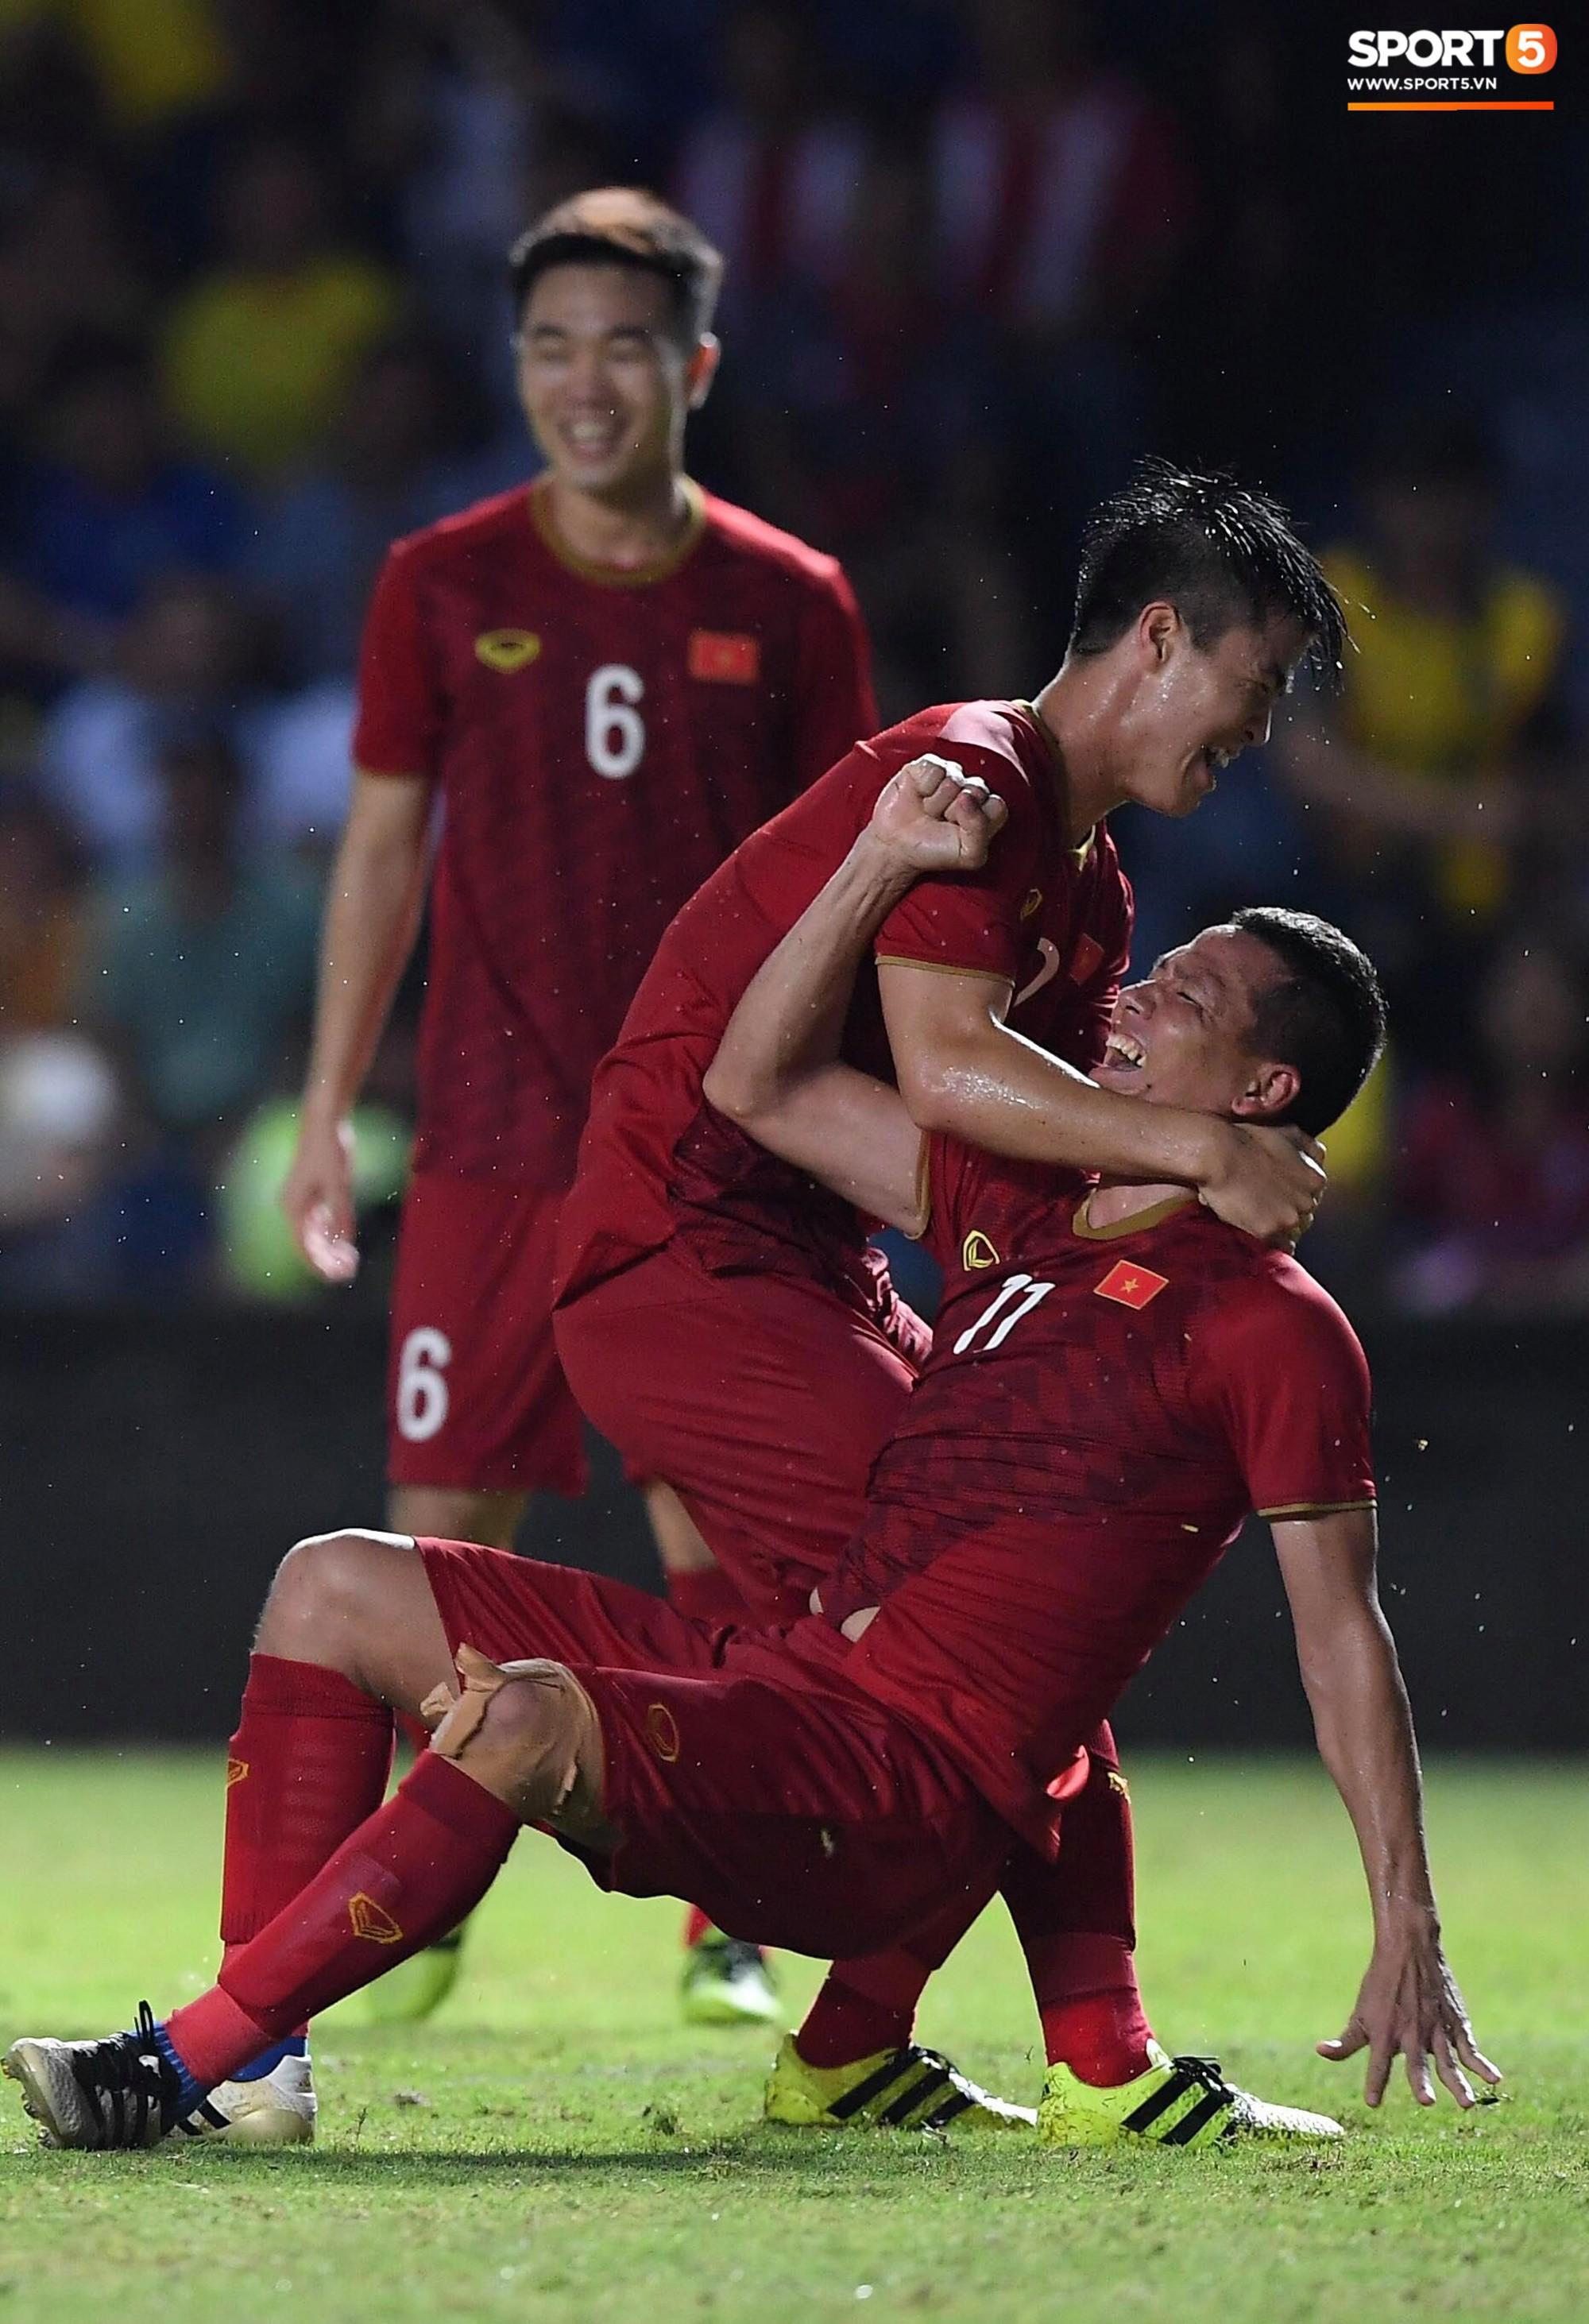 Anh Đức gục ngã đau đớn sau pha ghi bàn vào lưới Thái Lan, nhưng vẫn kịp nở nụ cười mãn nguyện khiến fan tan chảy - Ảnh 2.